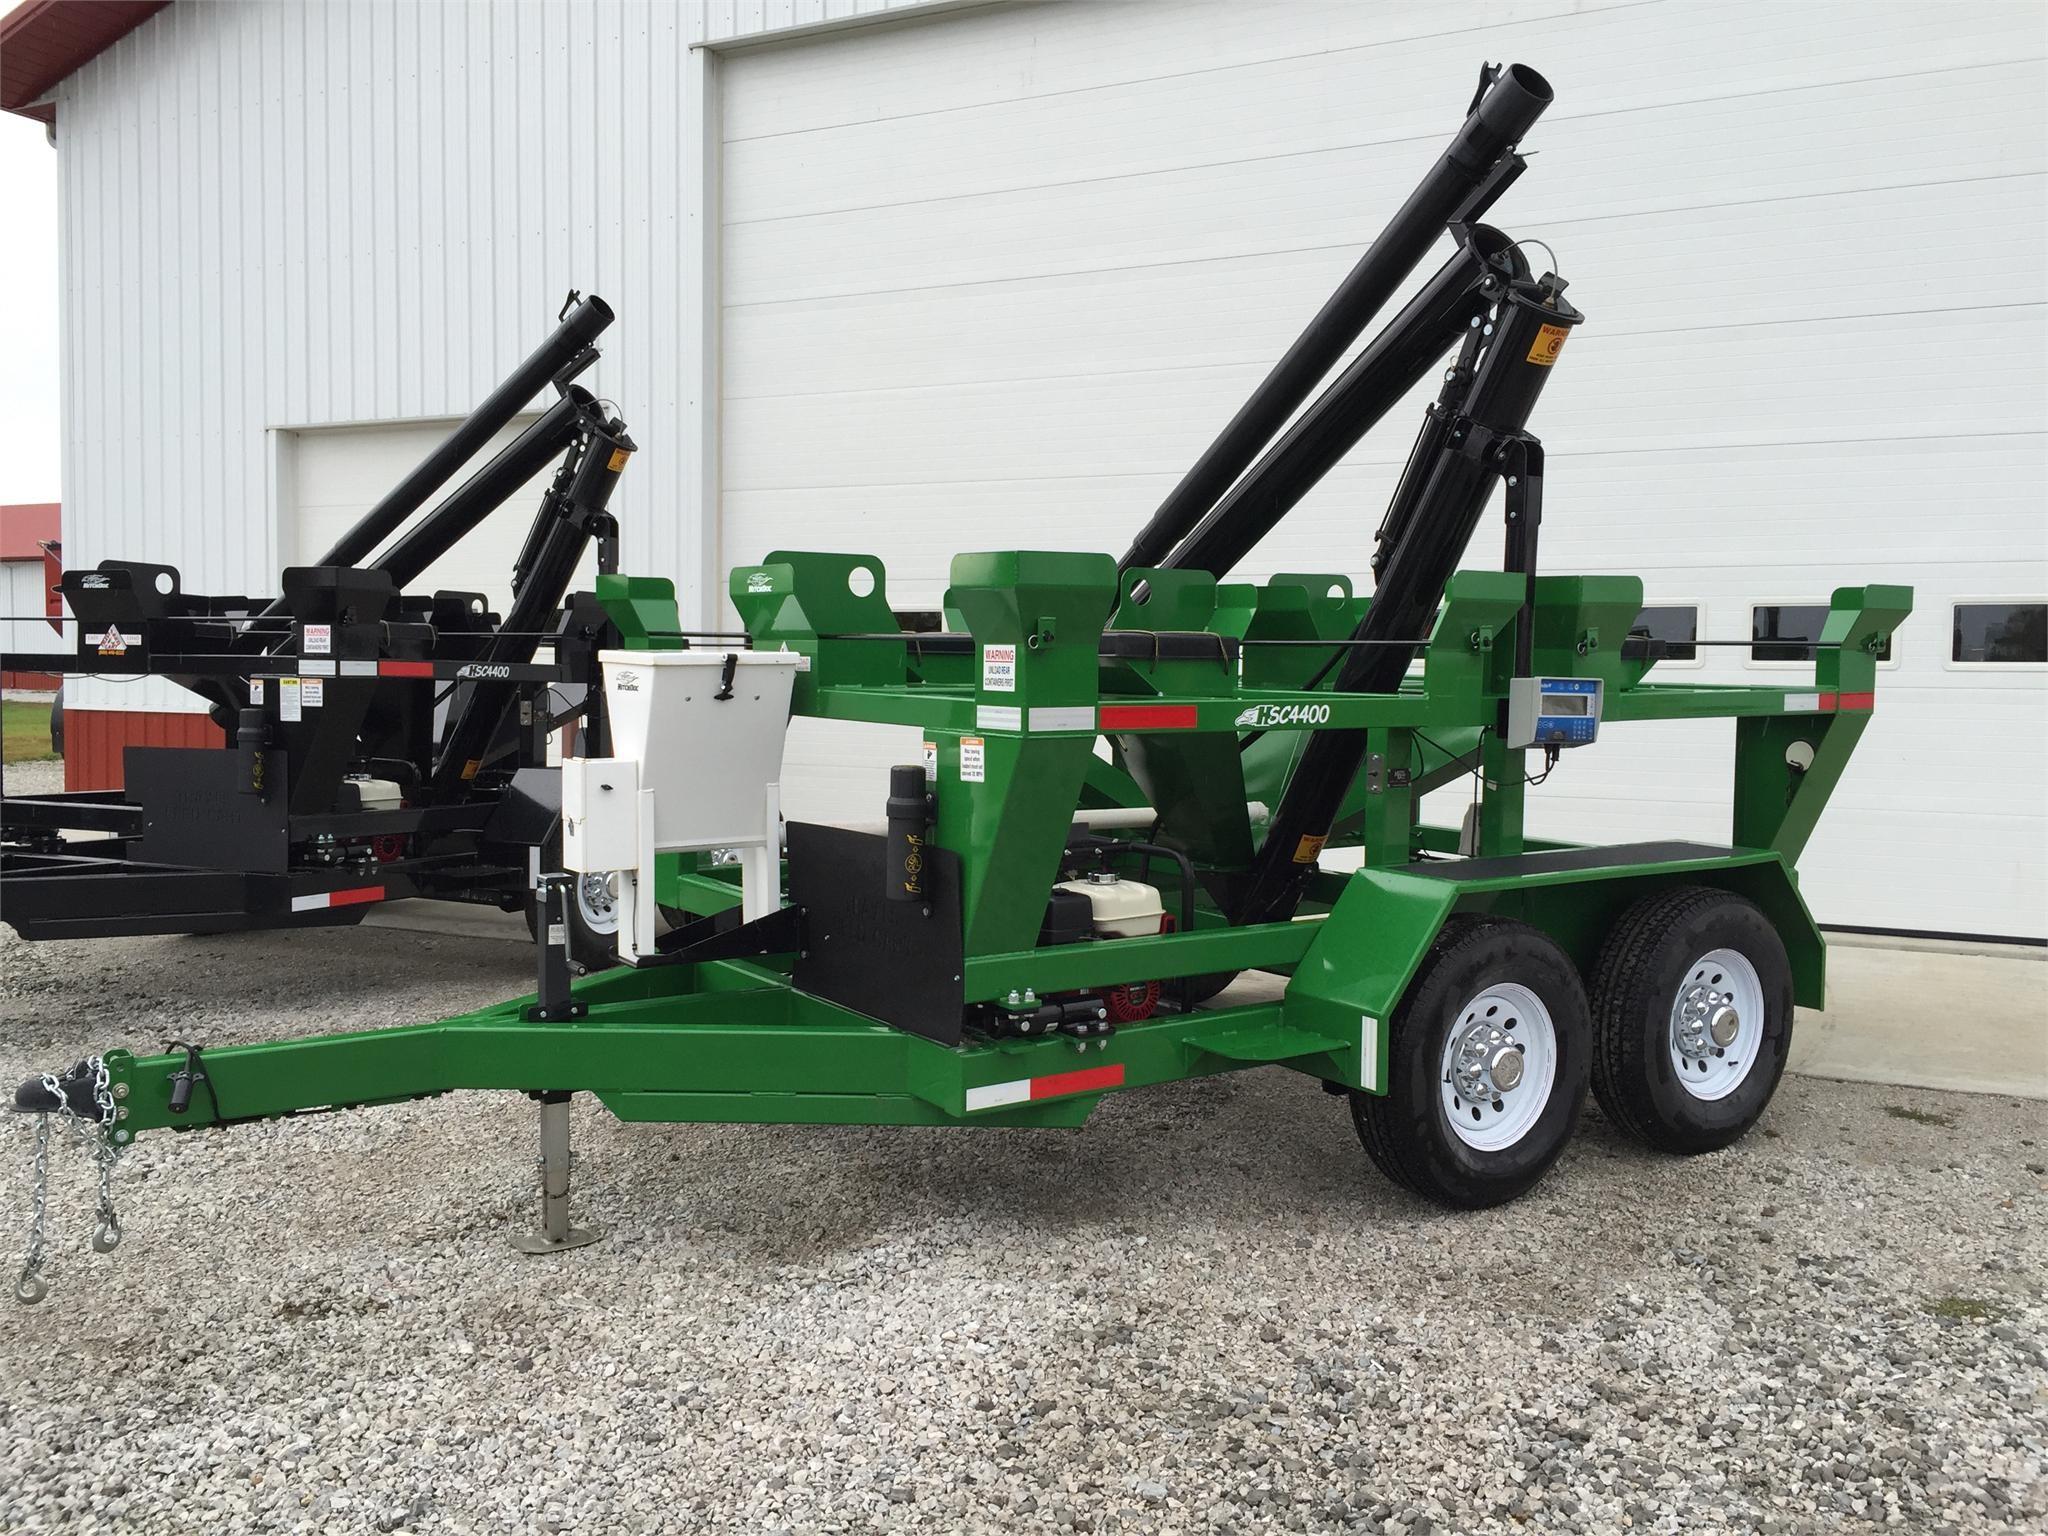 2022 Travis Seed Cart HSC4400 Seed Tender